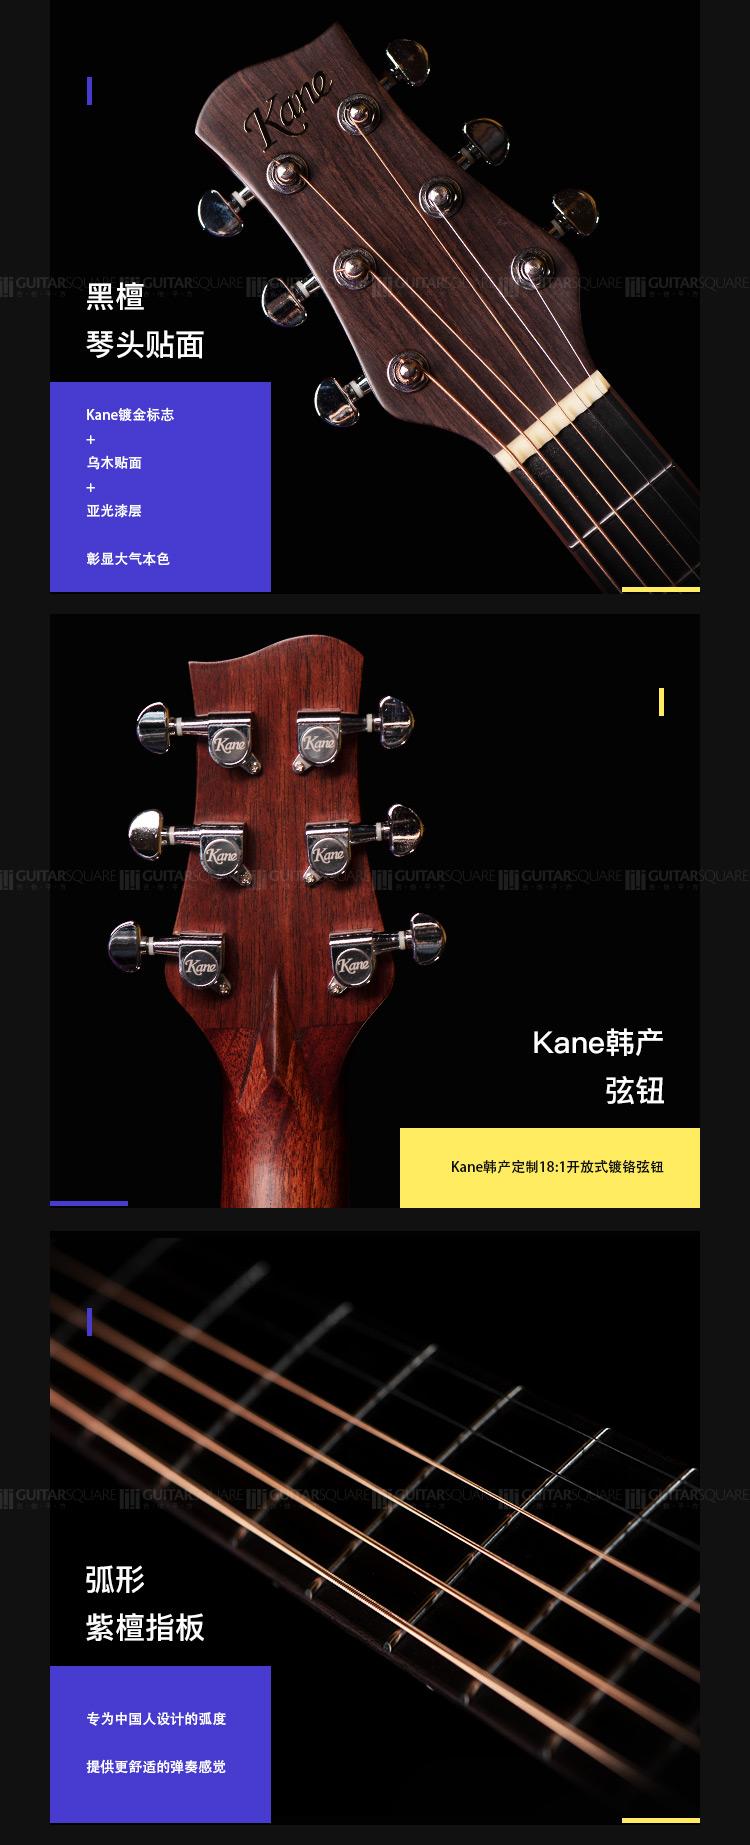 KA01-19版_04.jpg